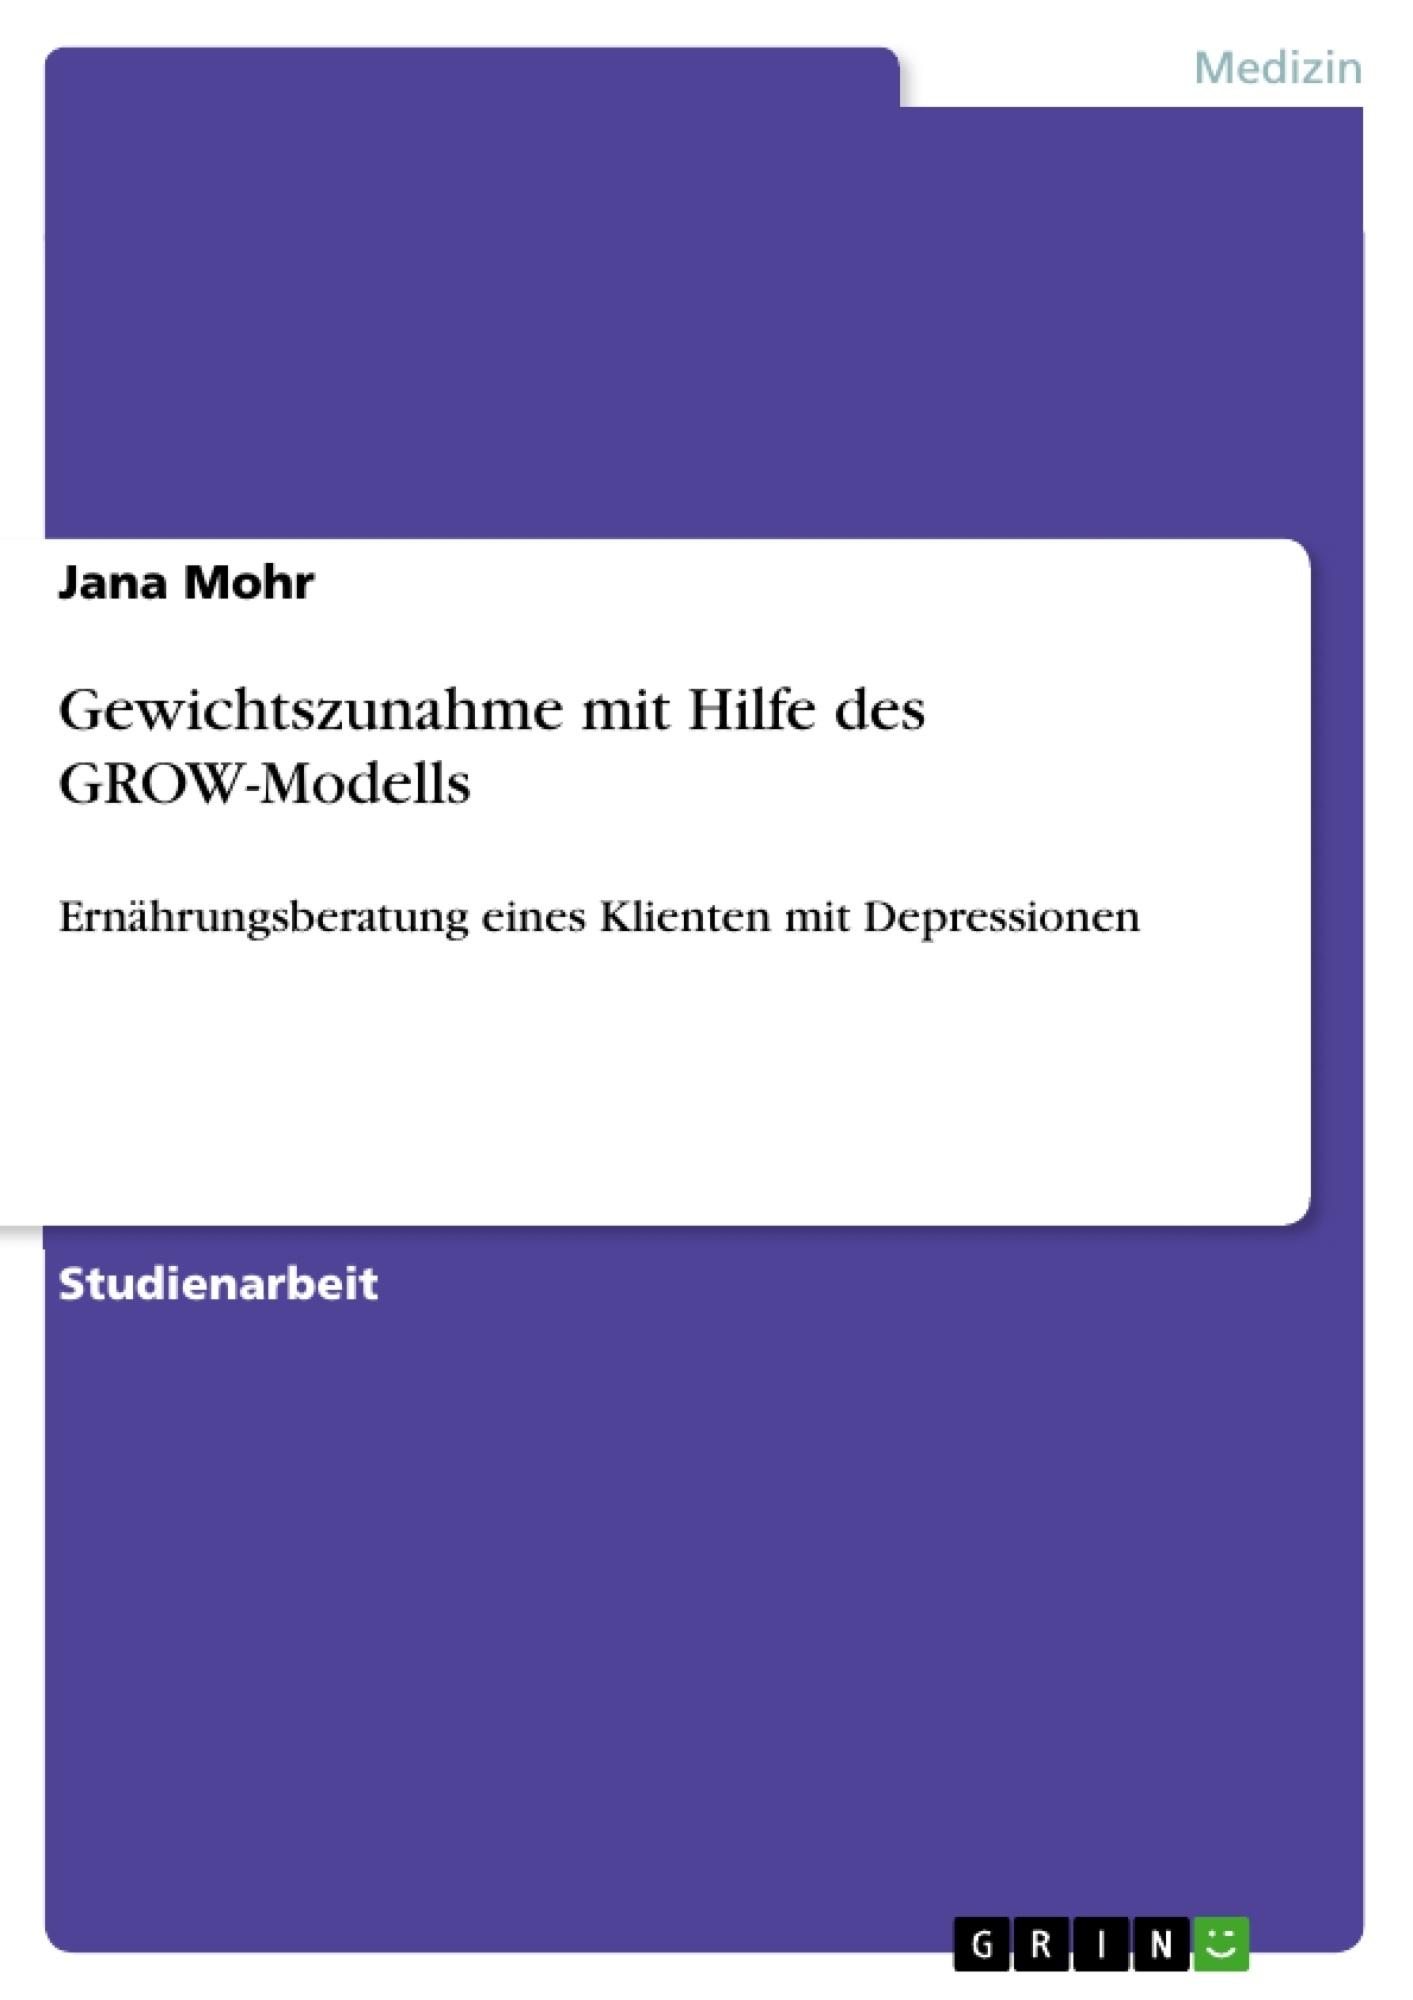 Titel: Gewichtszunahme mit Hilfe des GROW-Modells